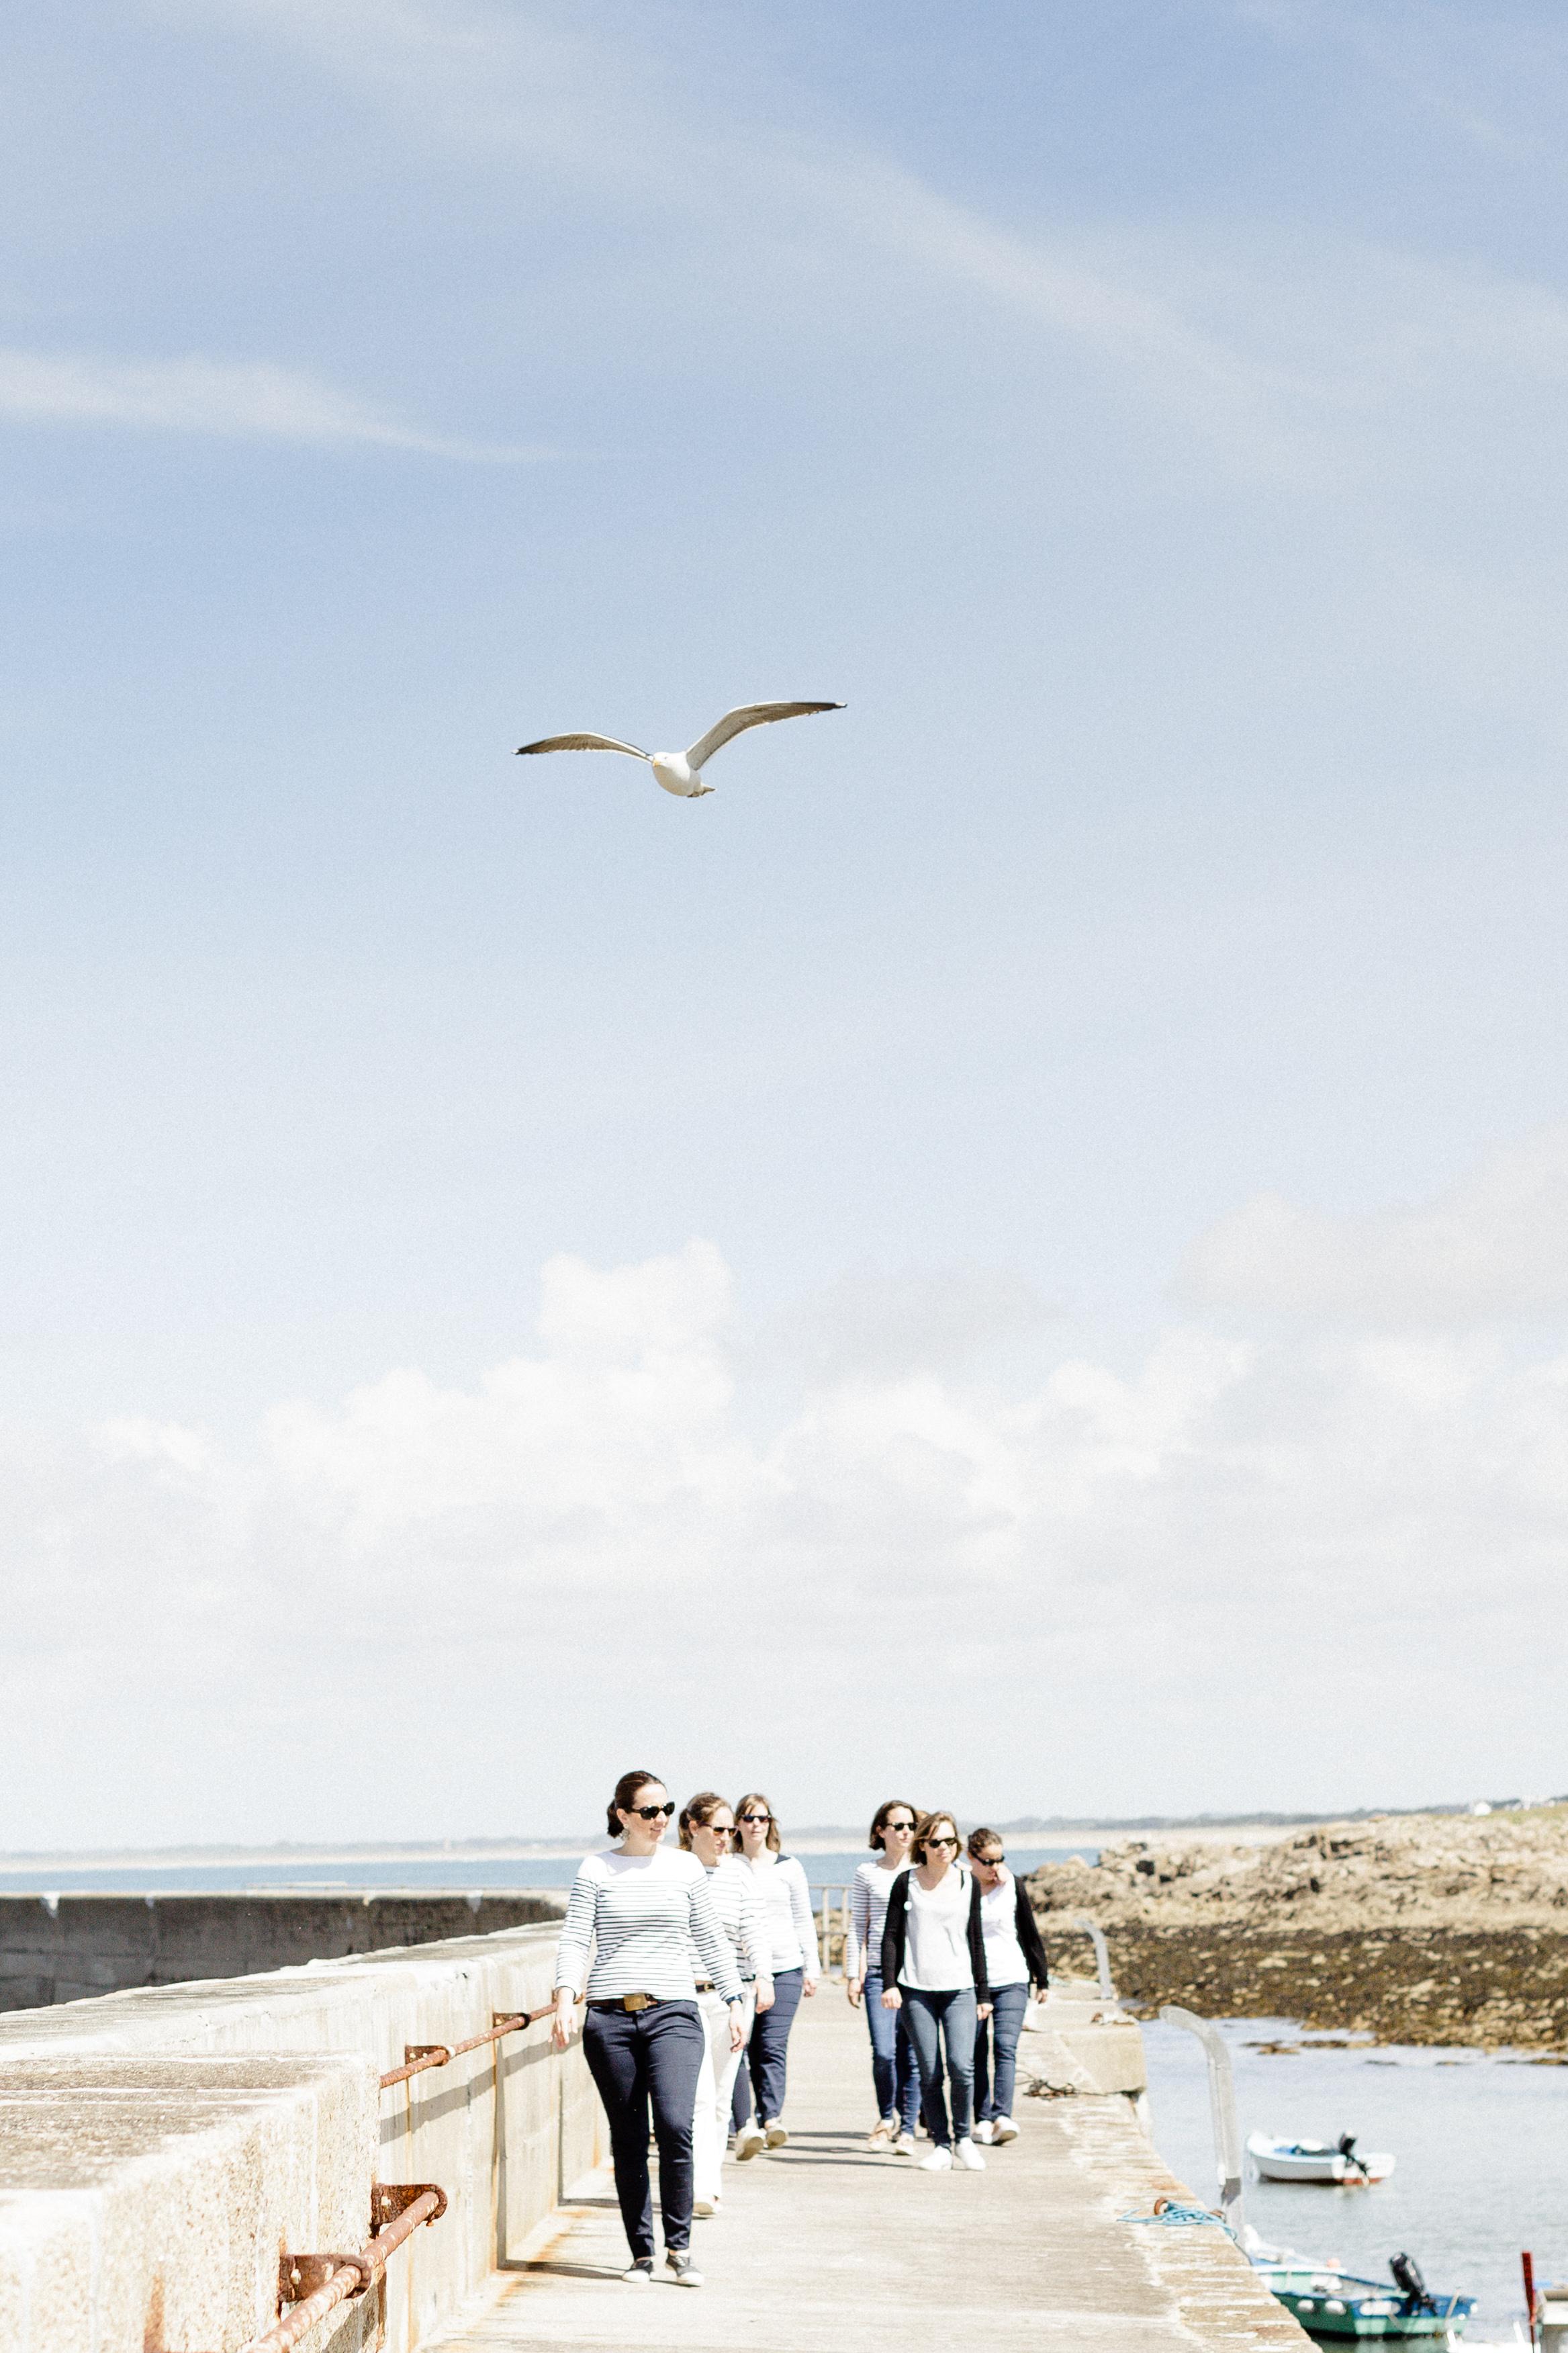 Evjf Bretagne Morbihan Vannes LV  (14)